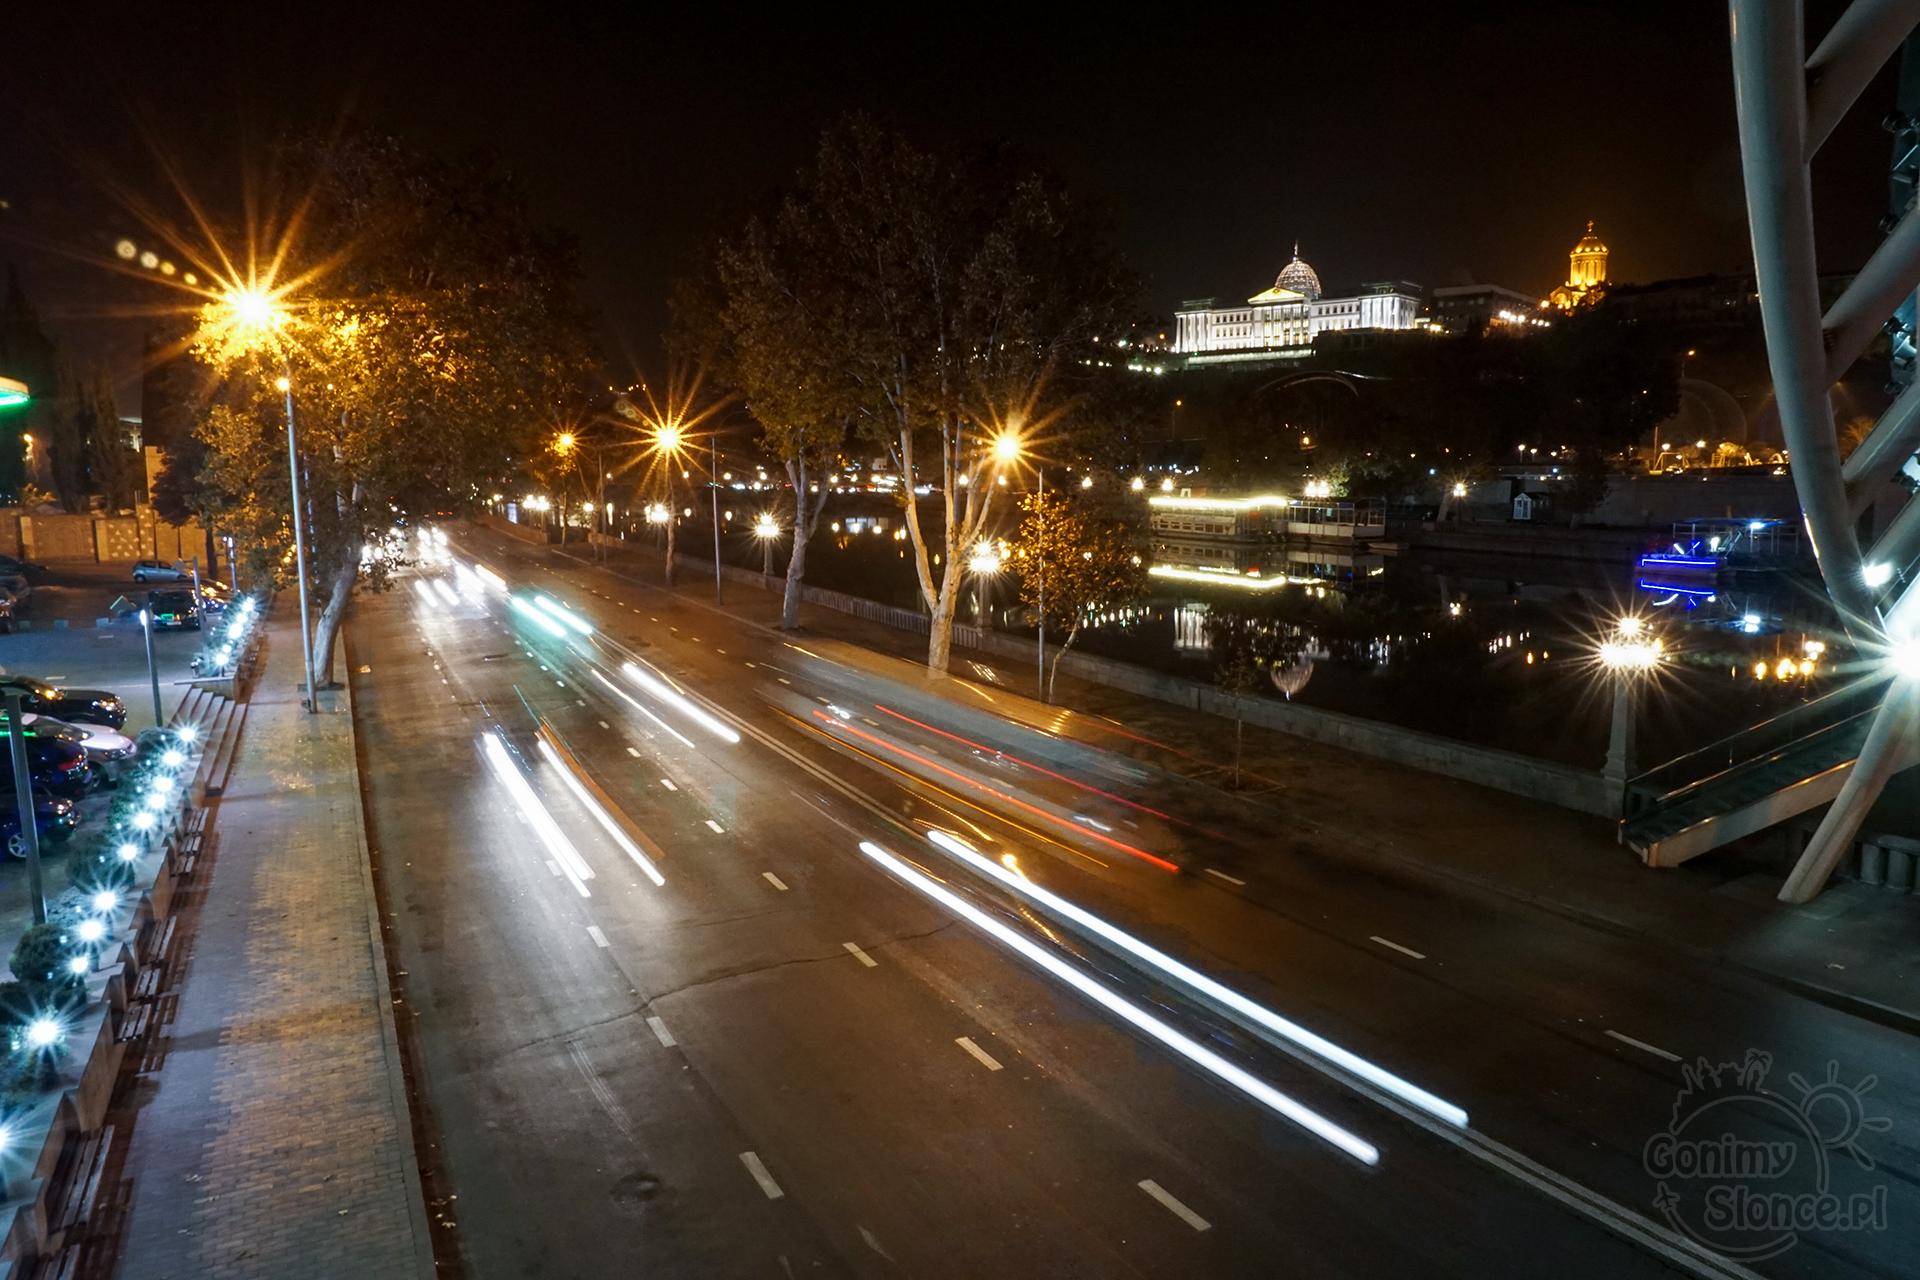 Nocne Tbilisi - Nowa część miasta i Pałac Prezydencki